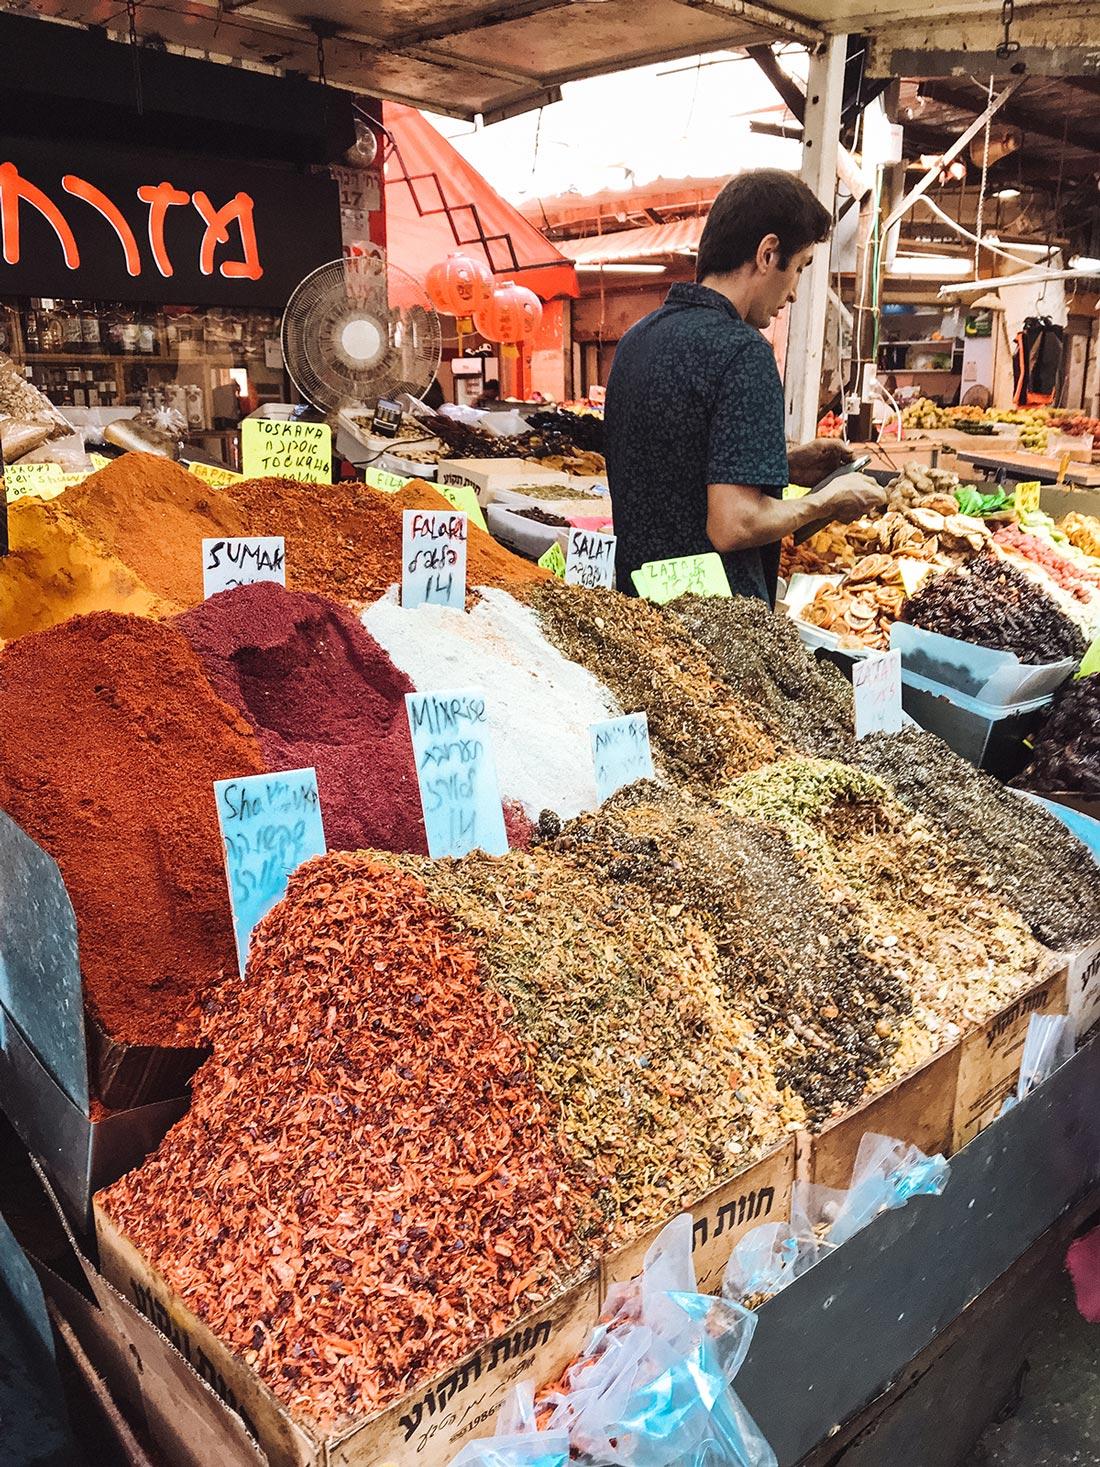 carmel-market-tel-aviv-spices-israel